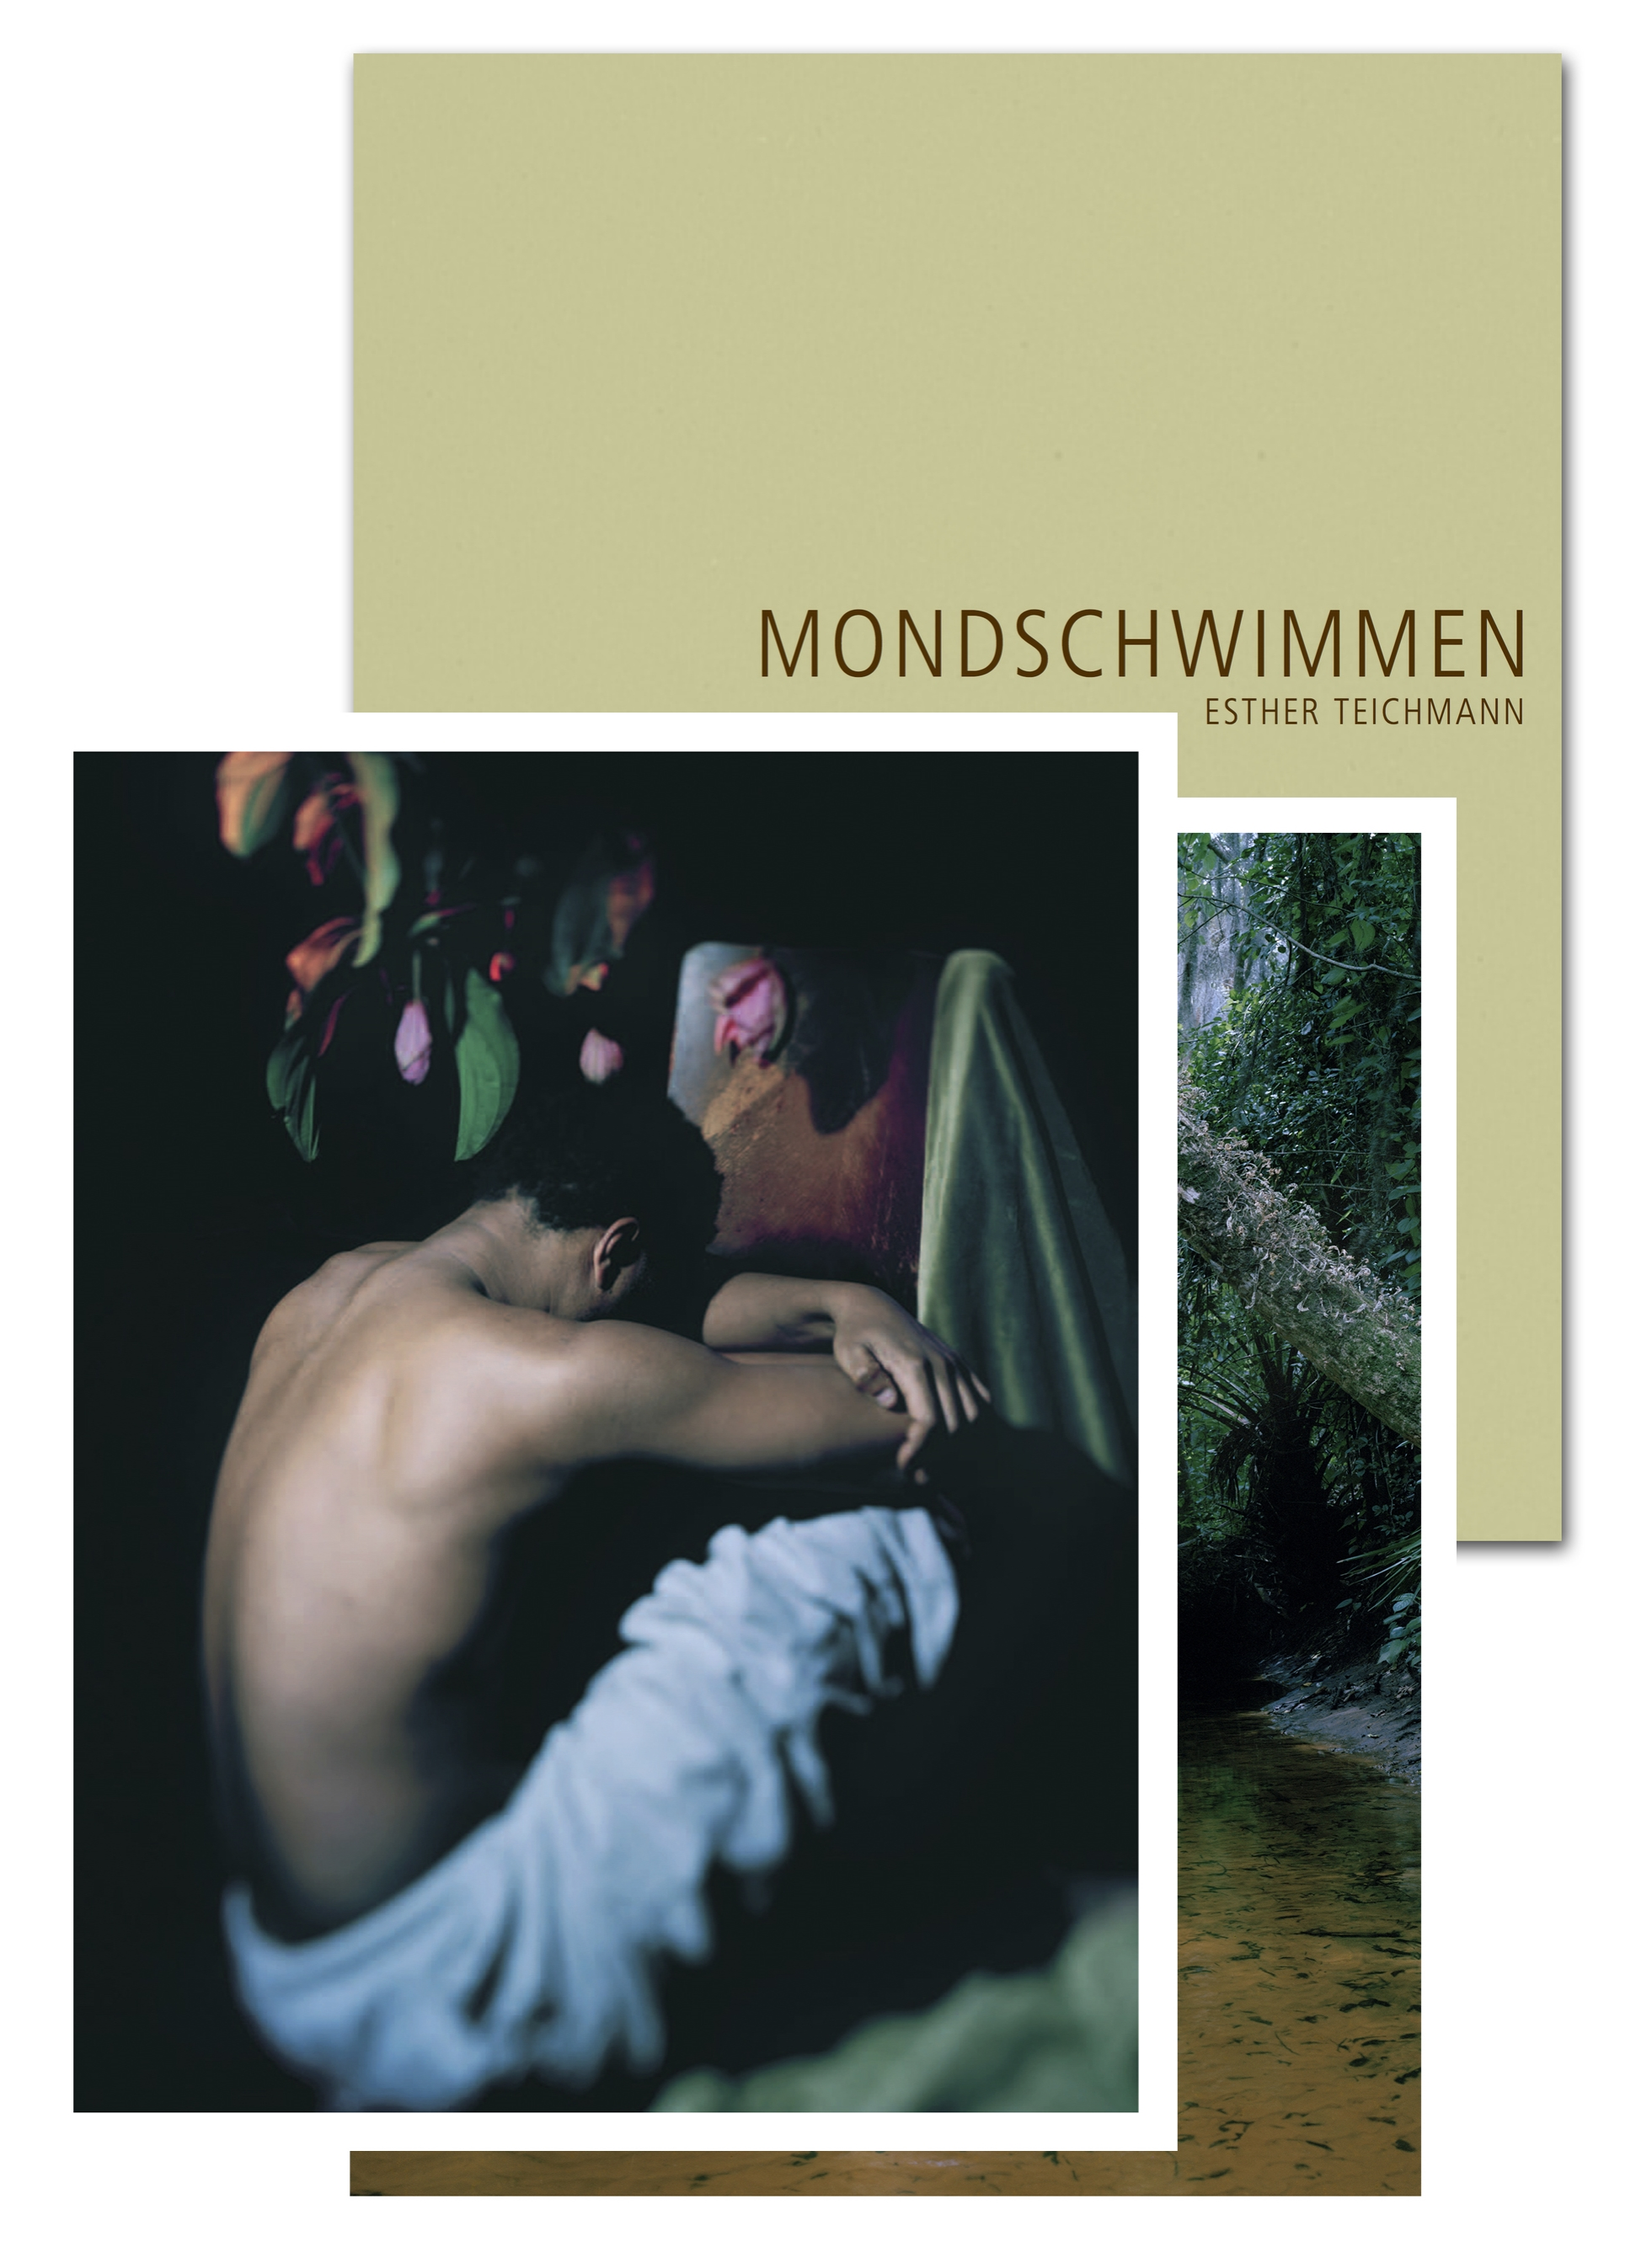 MONDSCHWIMMEN Esther Teichmann  Edition 1, 2015 signiert, mit zwei analogen C-Prints    Letzte Exemplare der Auflage!   Mit jeder fünften verkauften Ausgabe steigt der Preis. 120,00 €